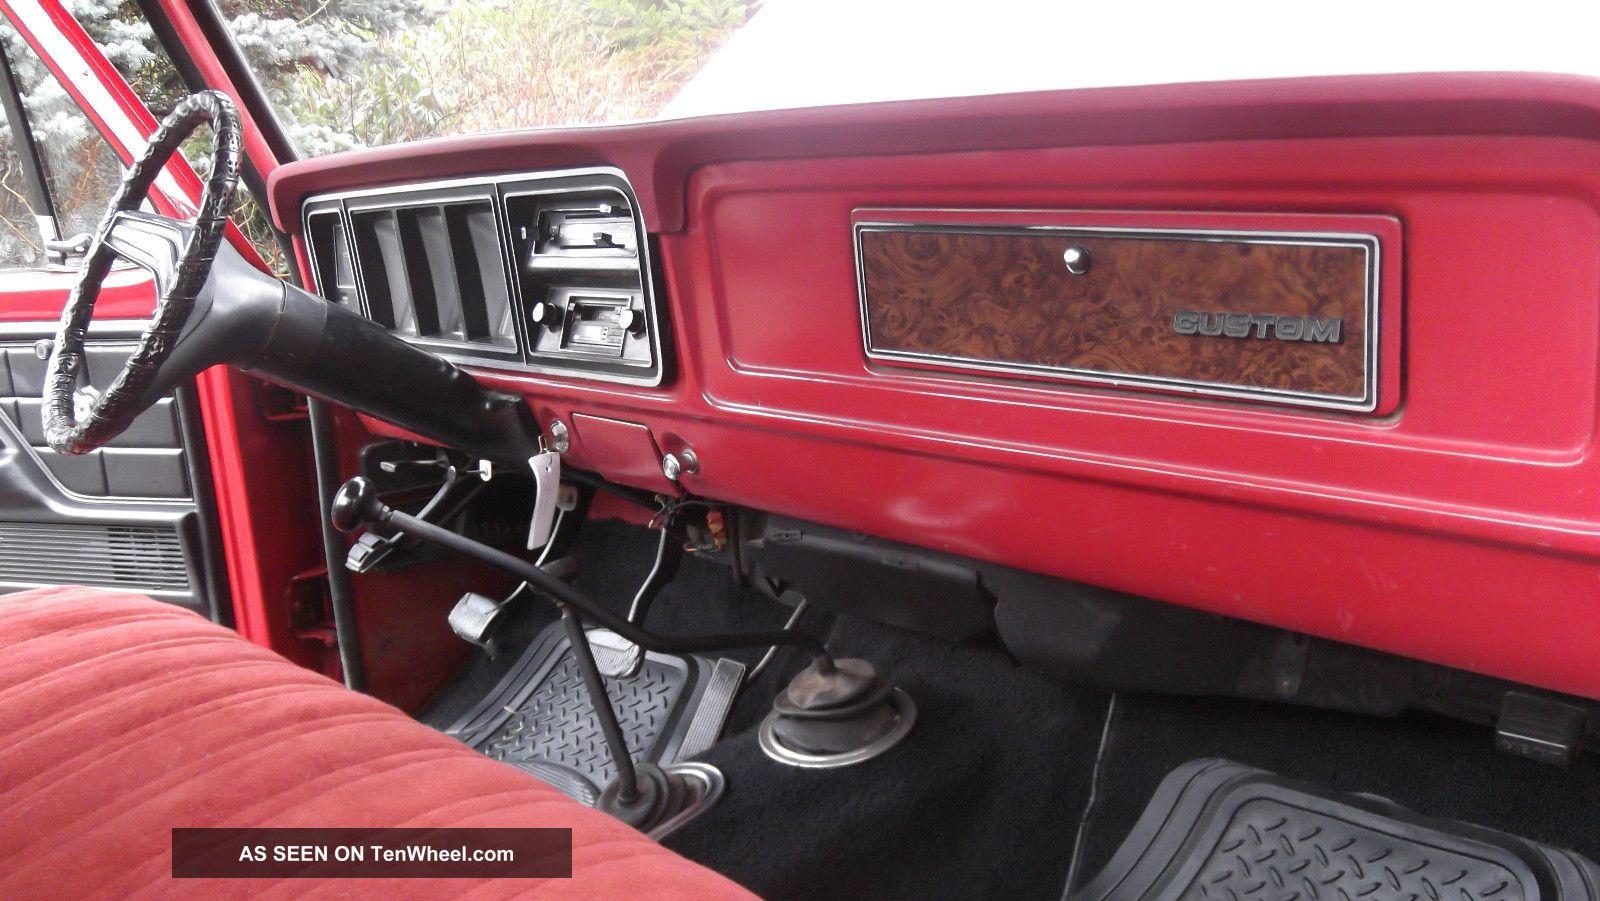 1979 Ford F - 250 4x4 300 6 Cyl 4 - Speed Locking Hubs ...